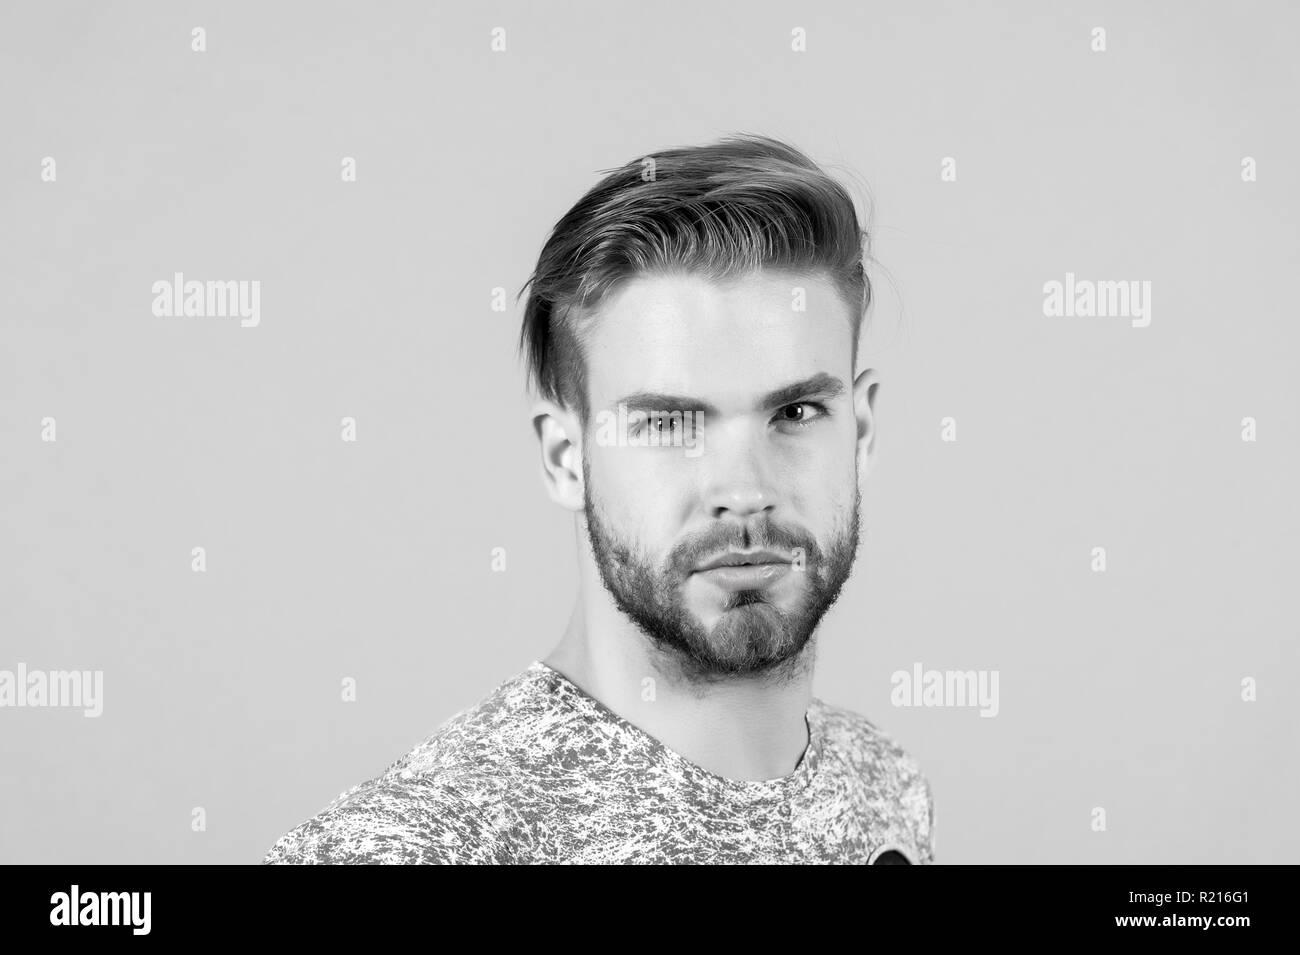 Macho Mit Bartigen Gesicht Bart Mann Mit Blondem Haar Haare